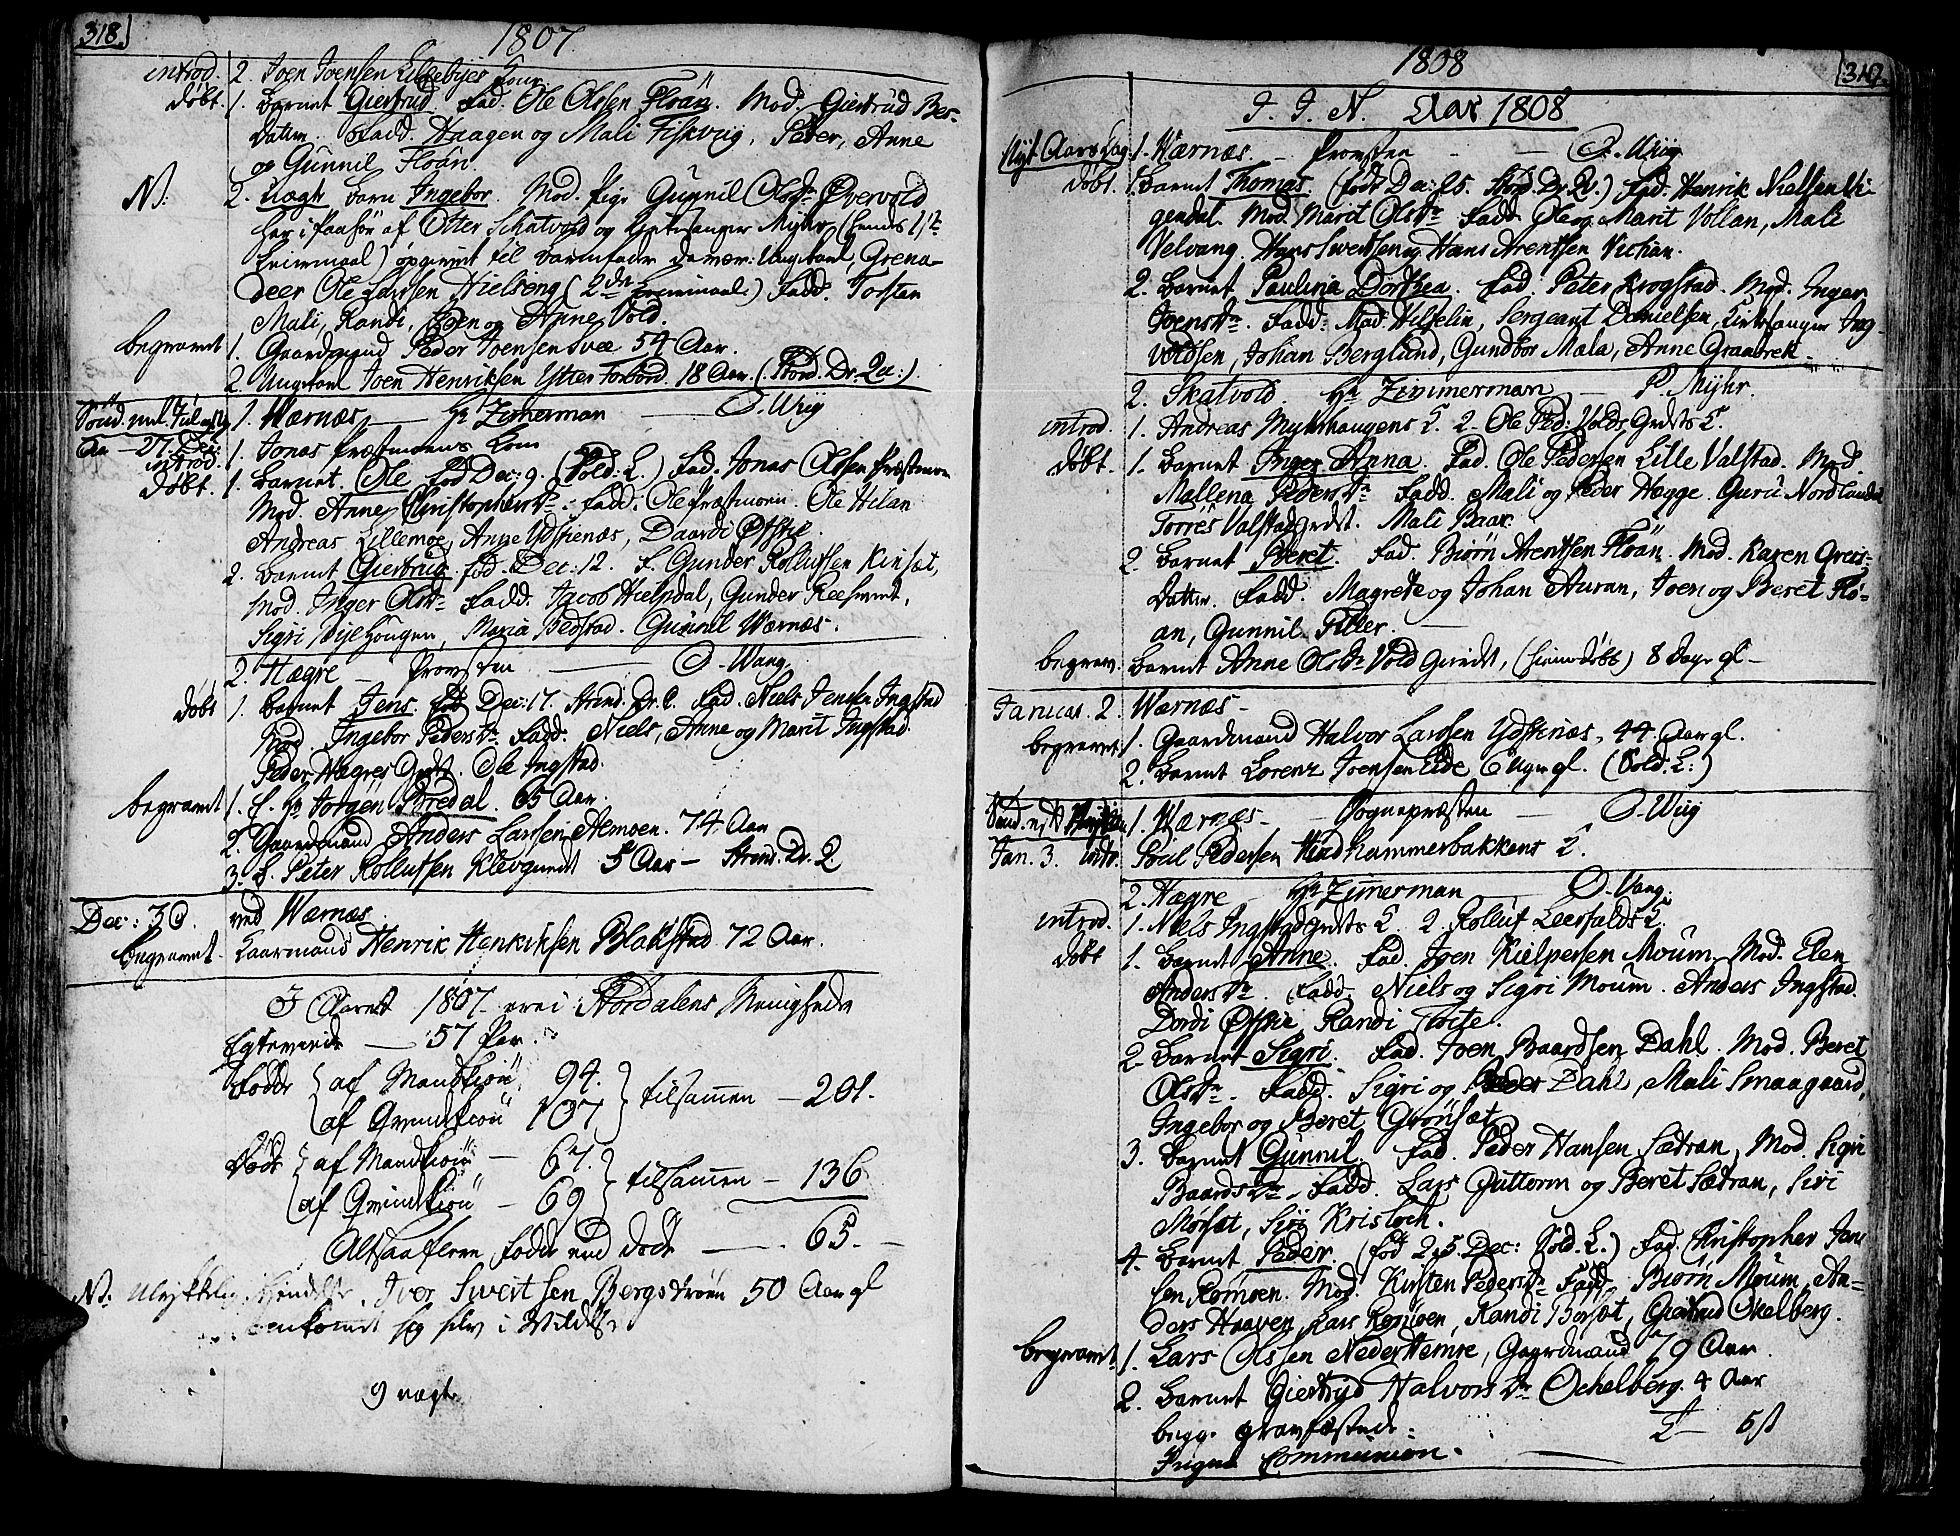 SAT, Ministerialprotokoller, klokkerbøker og fødselsregistre - Nord-Trøndelag, 709/L0060: Ministerialbok nr. 709A07, 1797-1815, s. 318-319